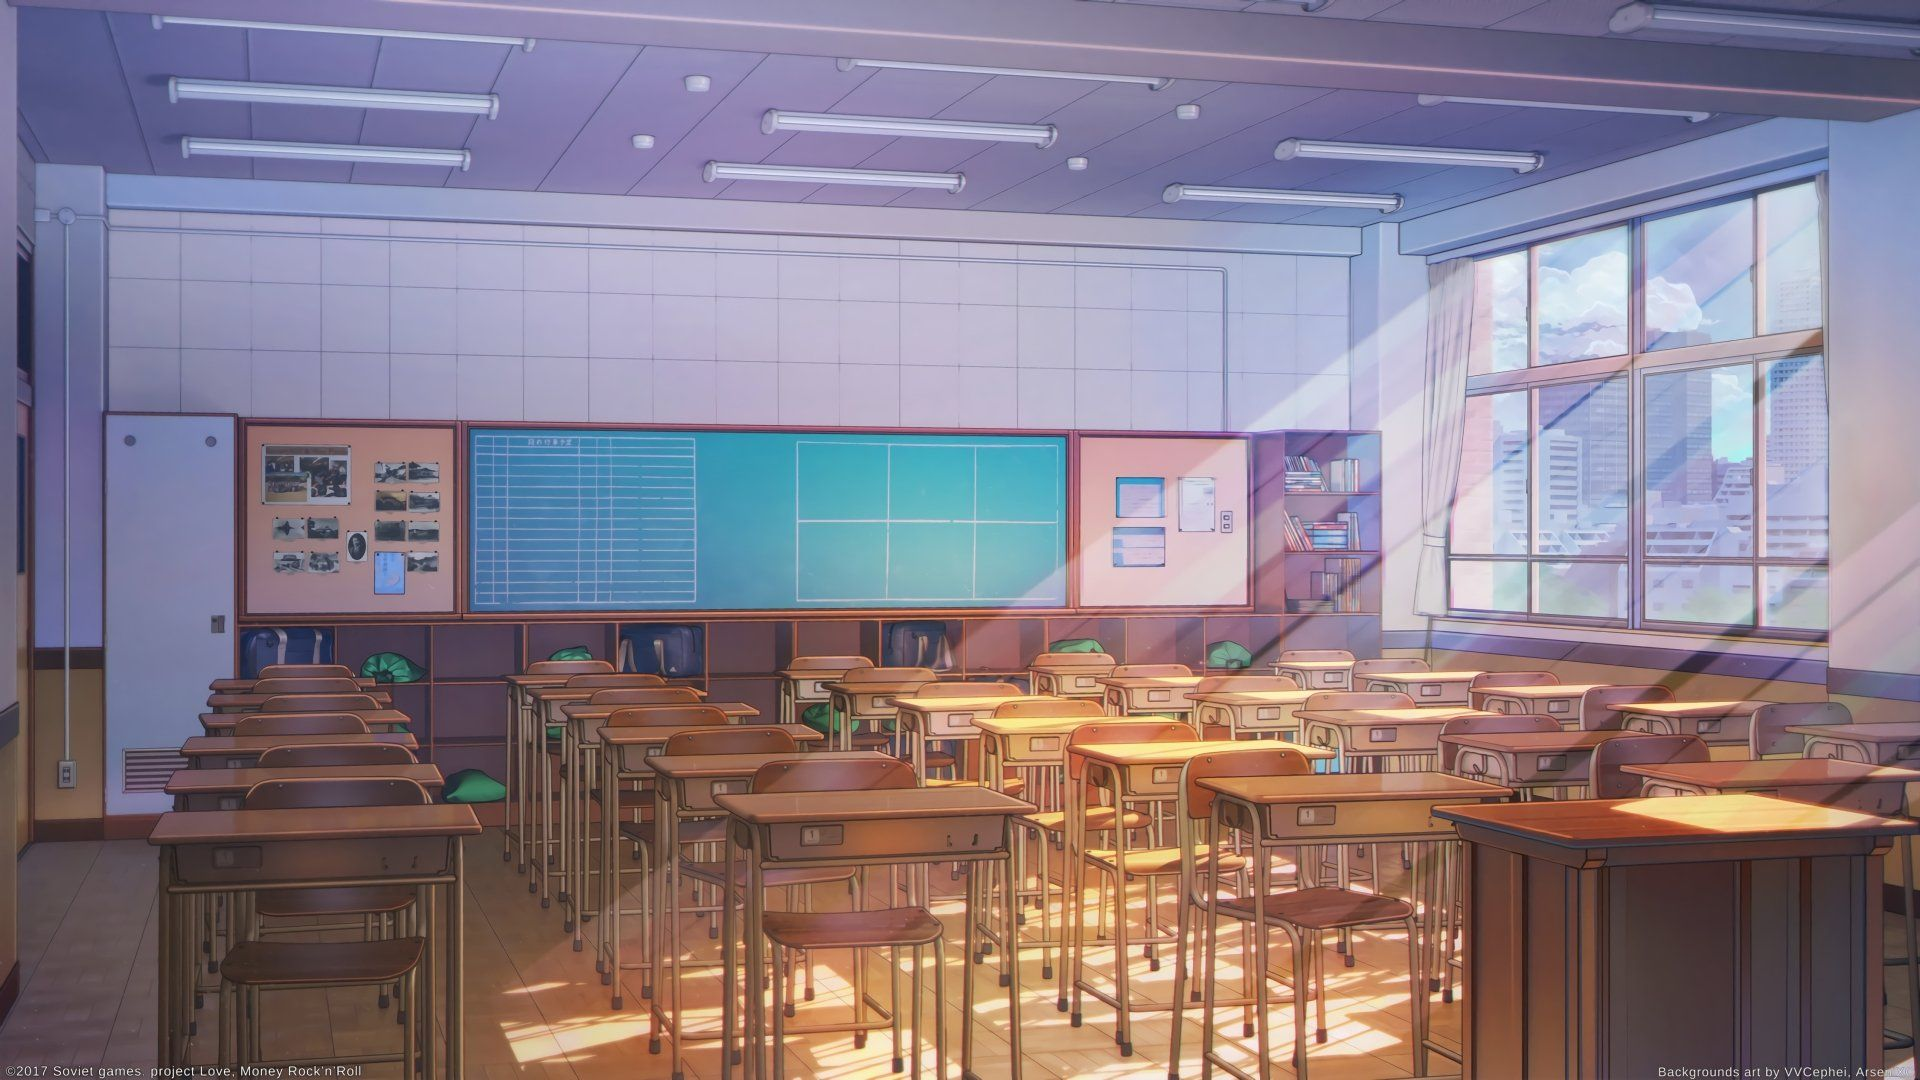 Anime Original Classroom Desk Chair Sunbeam Wallpaper Anime Scenery Anime Classroom Anime Scenery Wallpaper